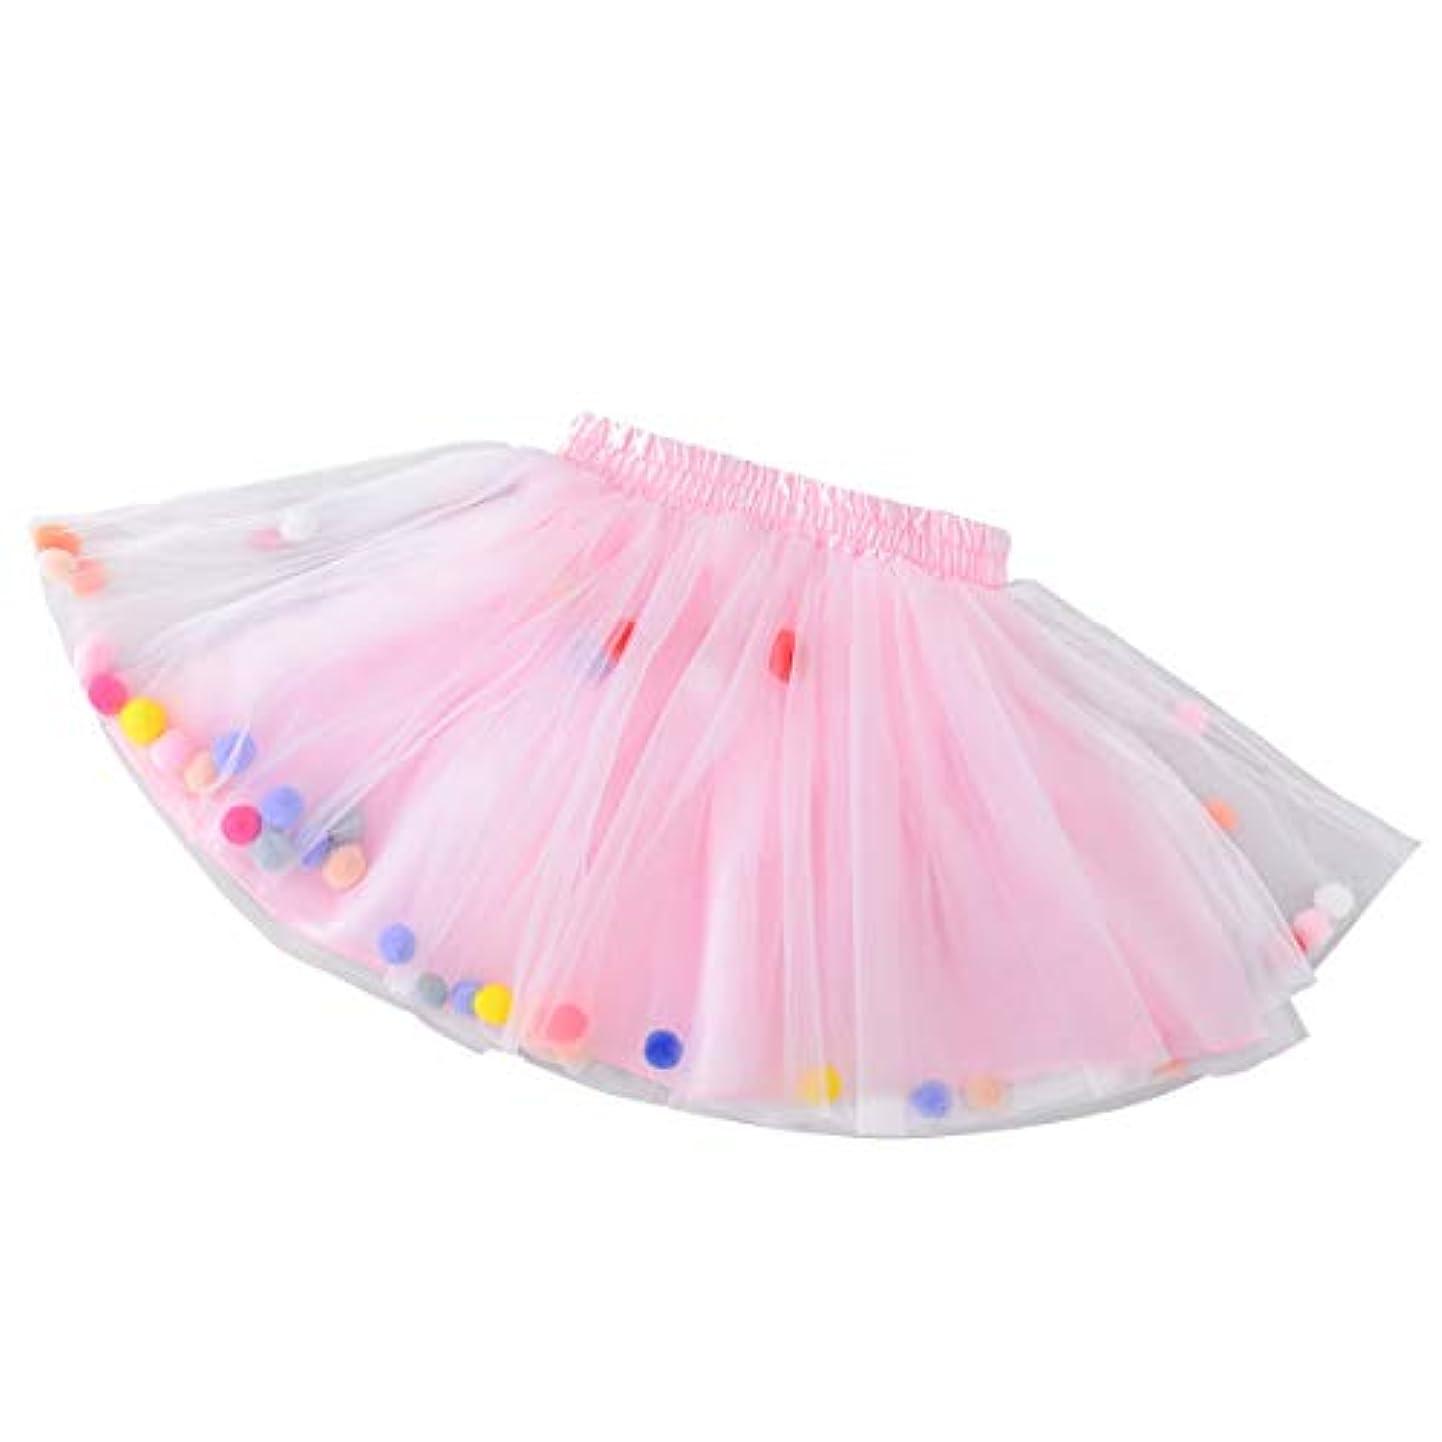 報復する率直なふさわしいYeahiBaby 子供チュチュスカートラブリーピンクミディスカートカラフルなファジーボールガーゼスカートプリンセスドレス衣装用女の子(サイズl)